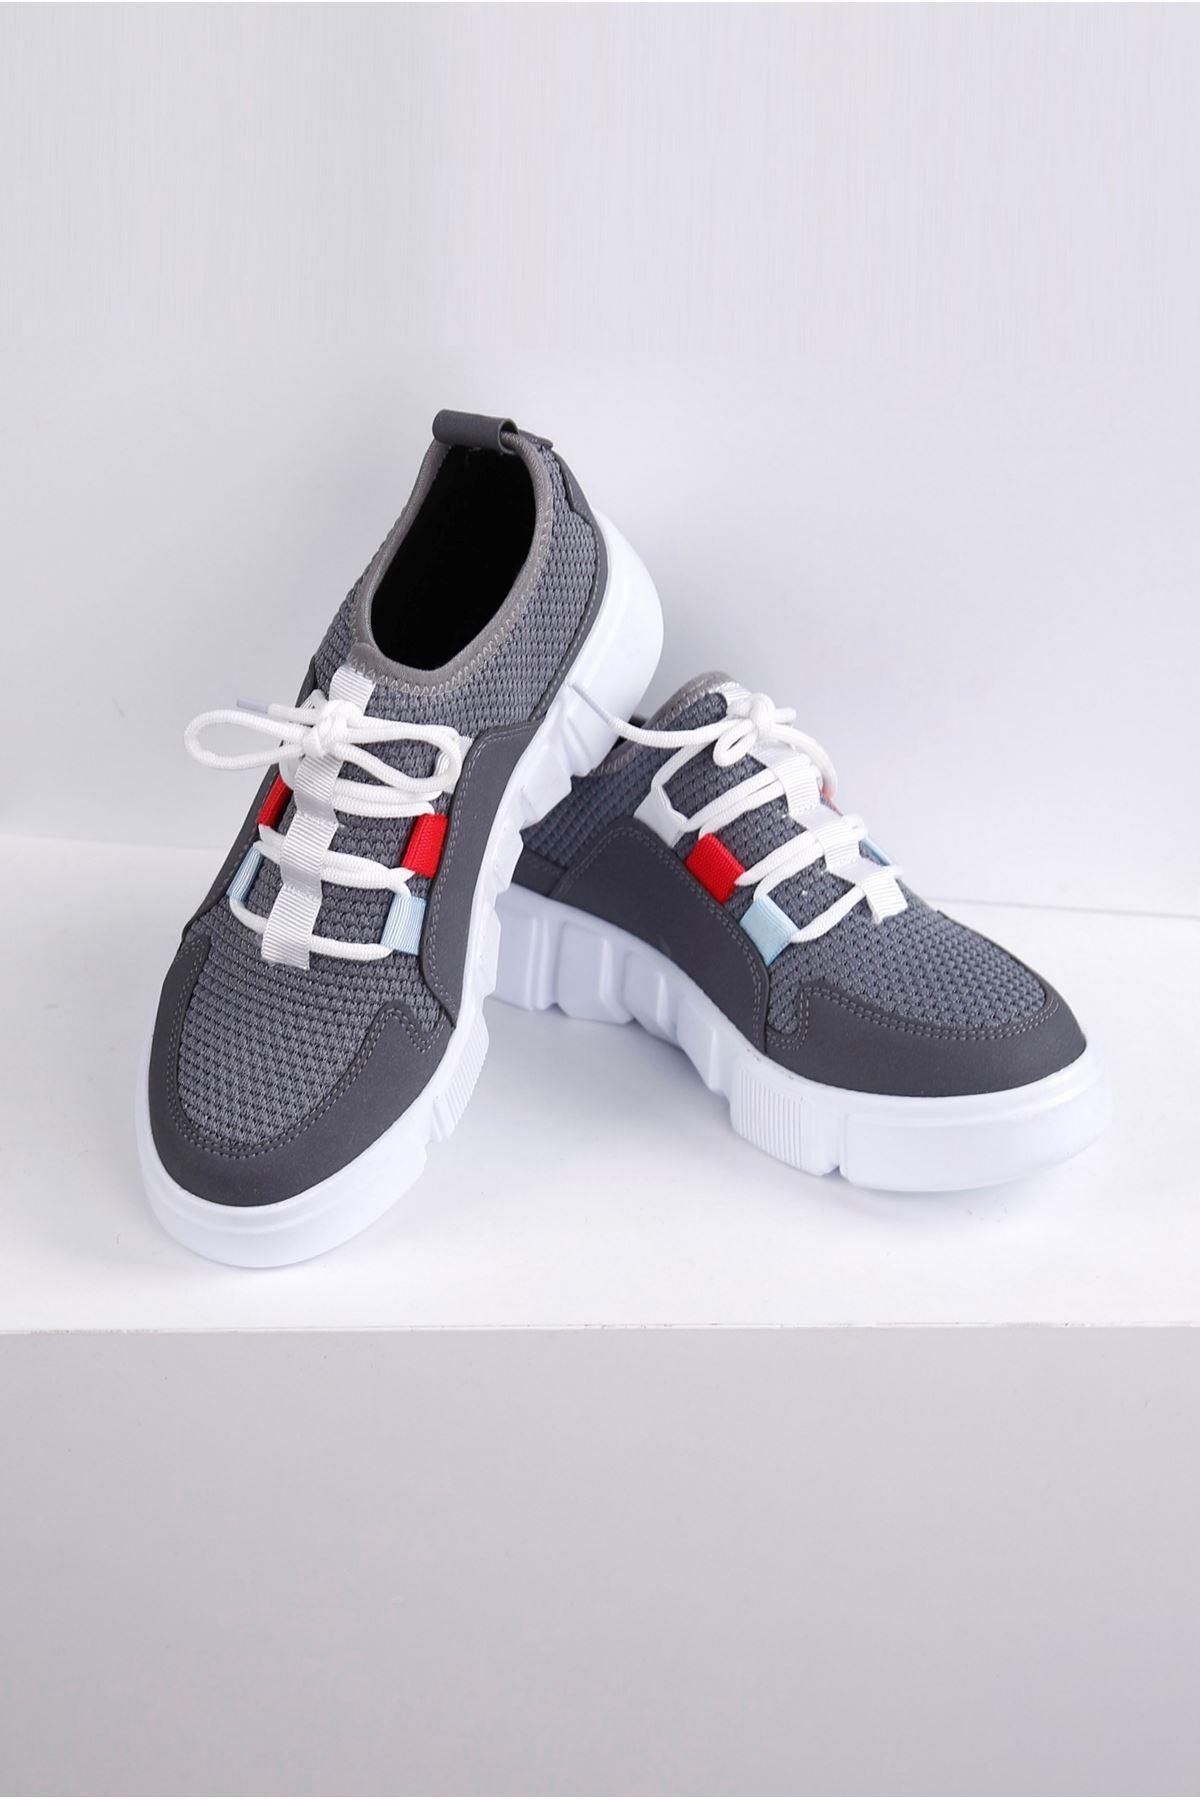 ONKO Gri Tekstil Kumaş Spor Ayakkabı